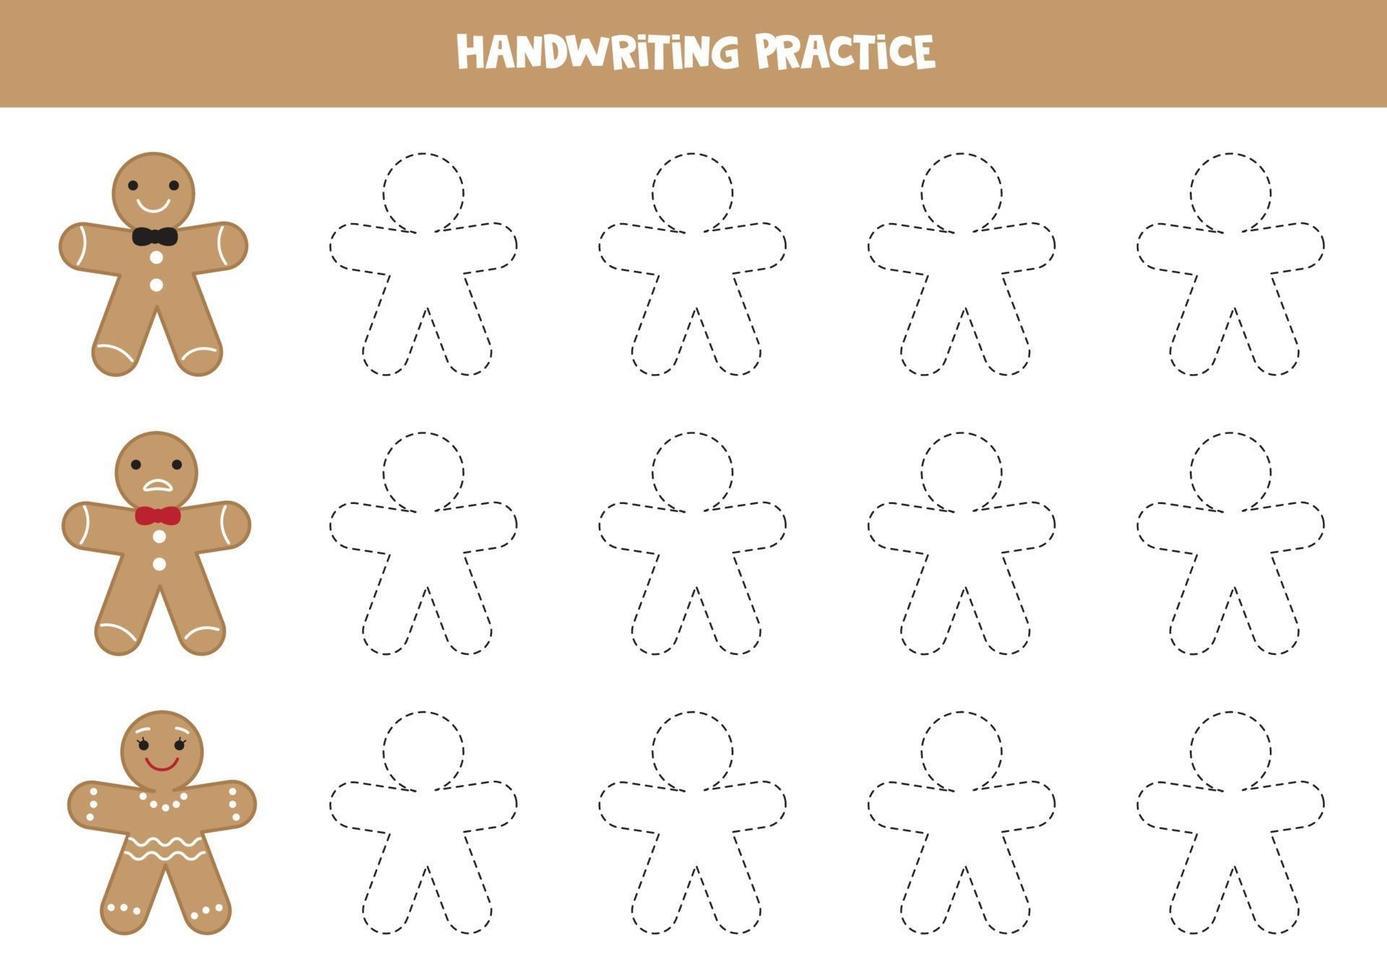 foglio di lavoro per la pratica della scrittura per bambini. rintracciare uomini di biscotti di pan di zenzero. vettore